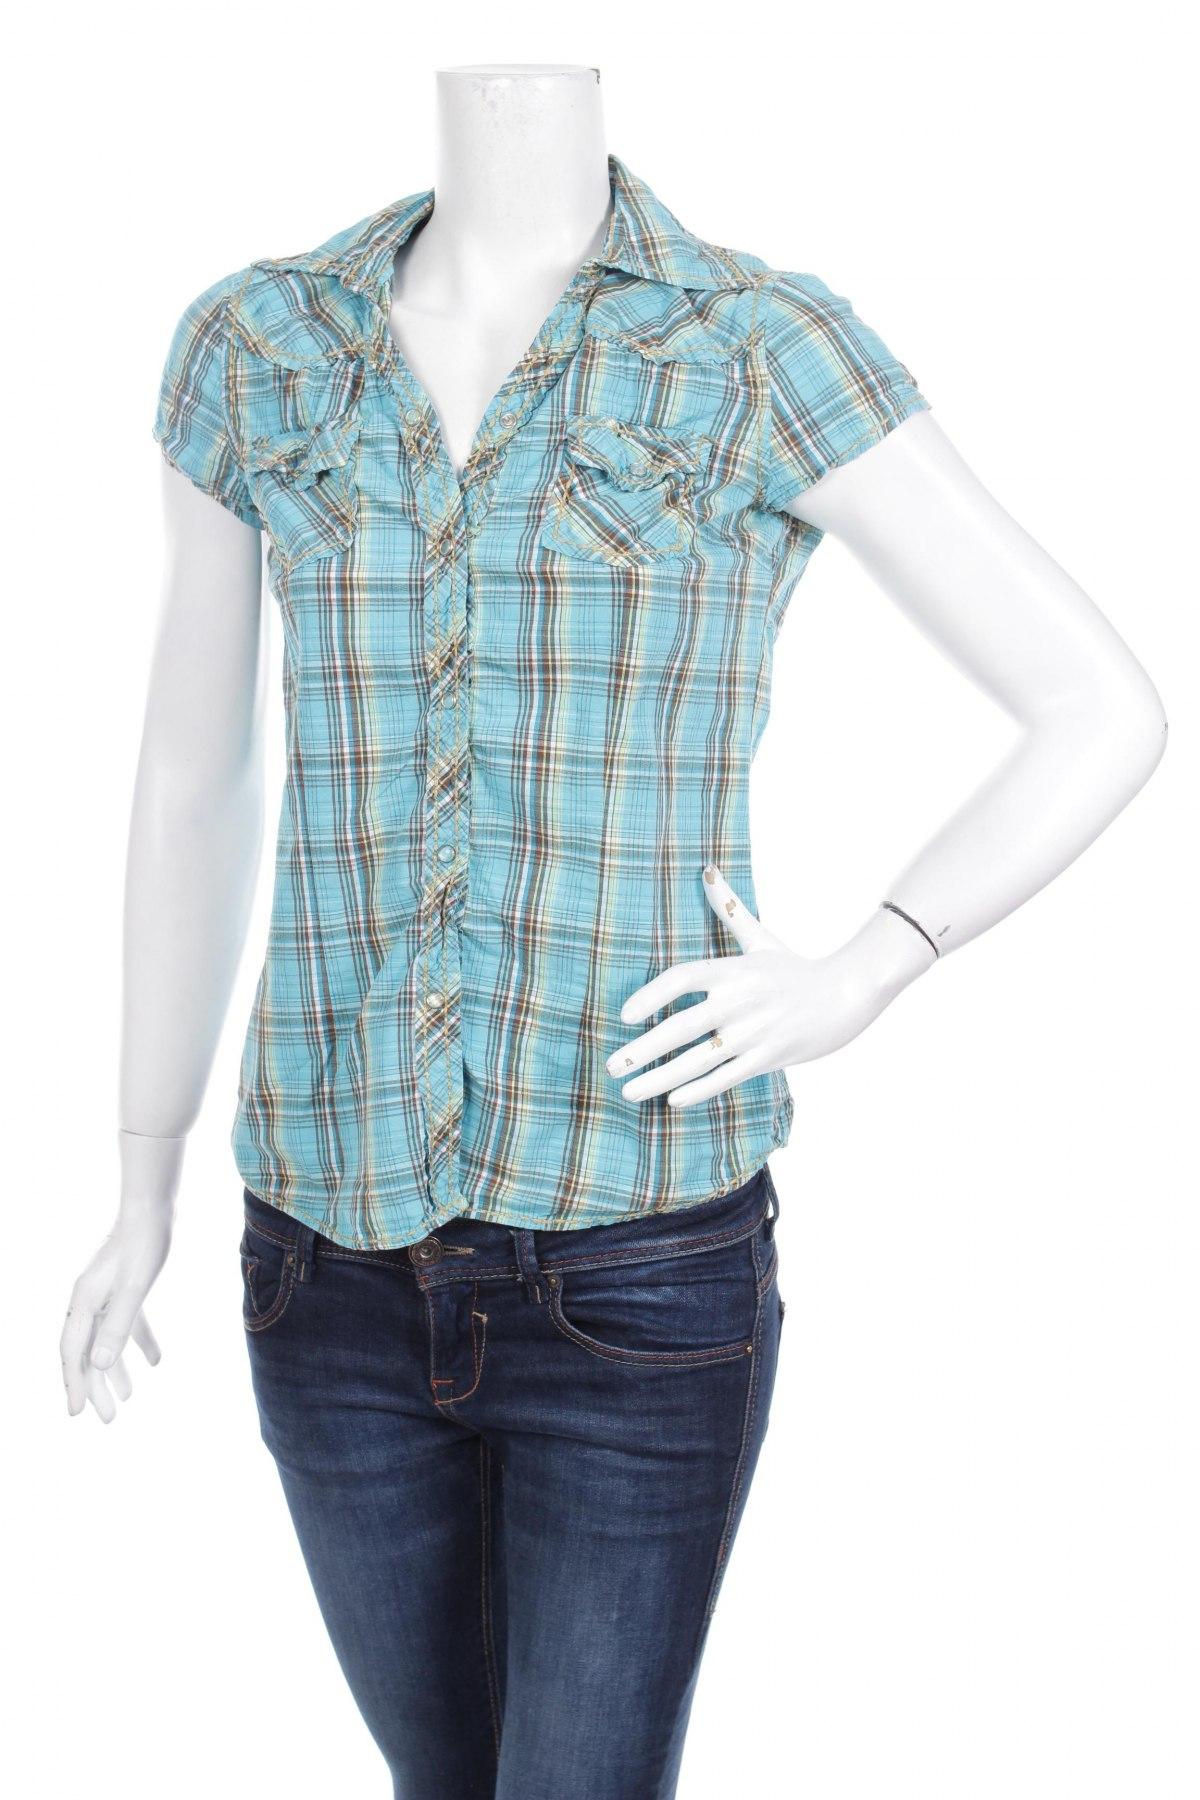 Γυναικείο πουκάμισο Bisbee